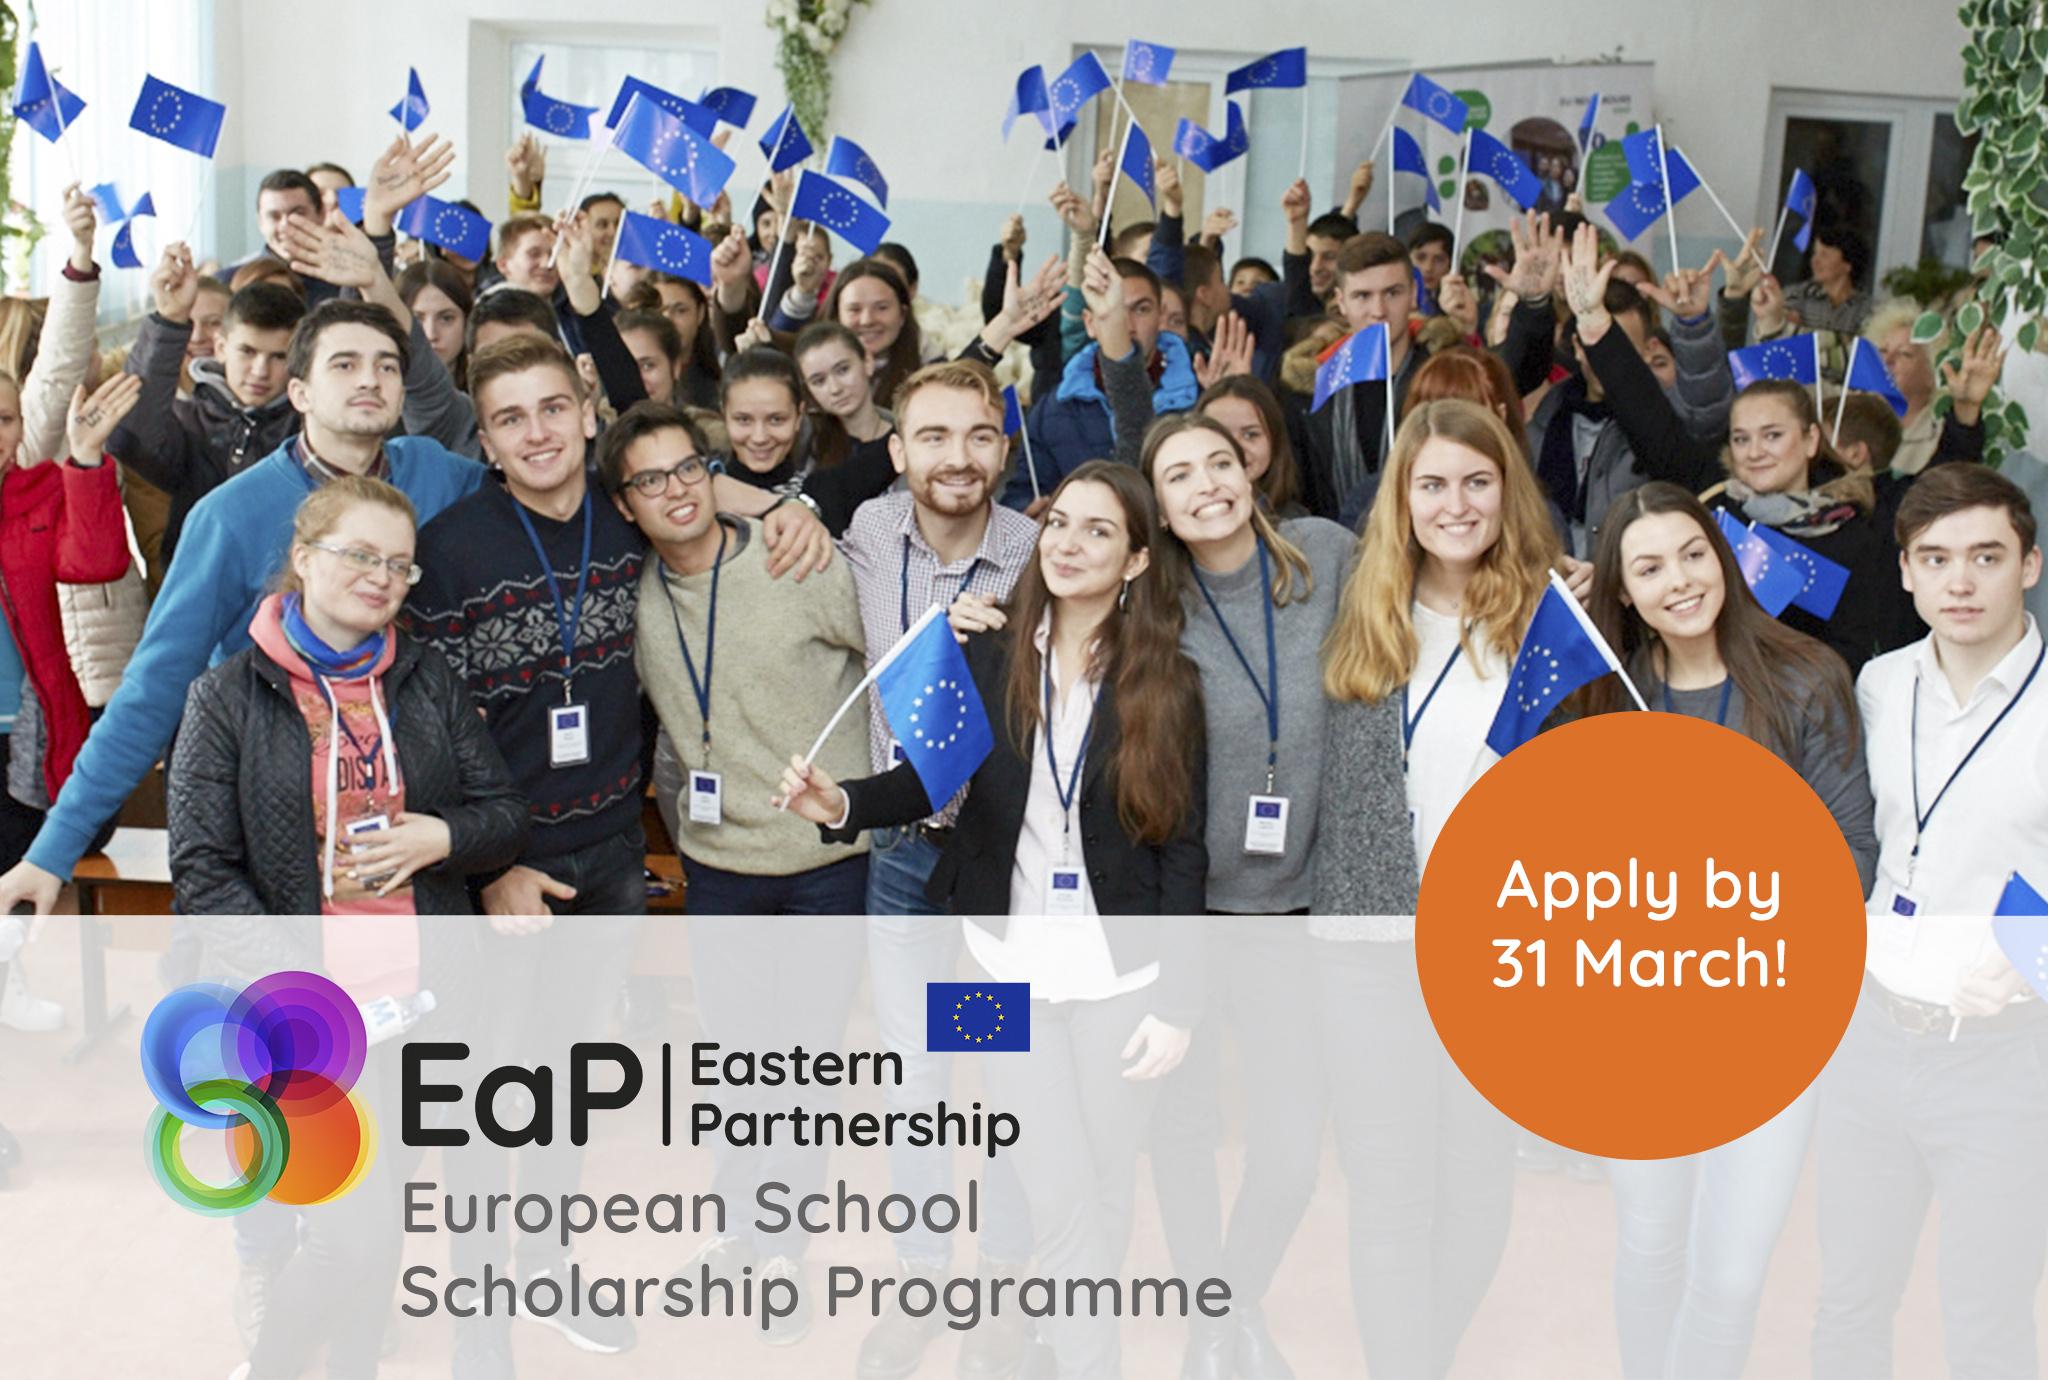 Uniunea Europeană anunță noi burse pentru elevi care doresc să participe la Școala Europeană a Parteneriatului Estic